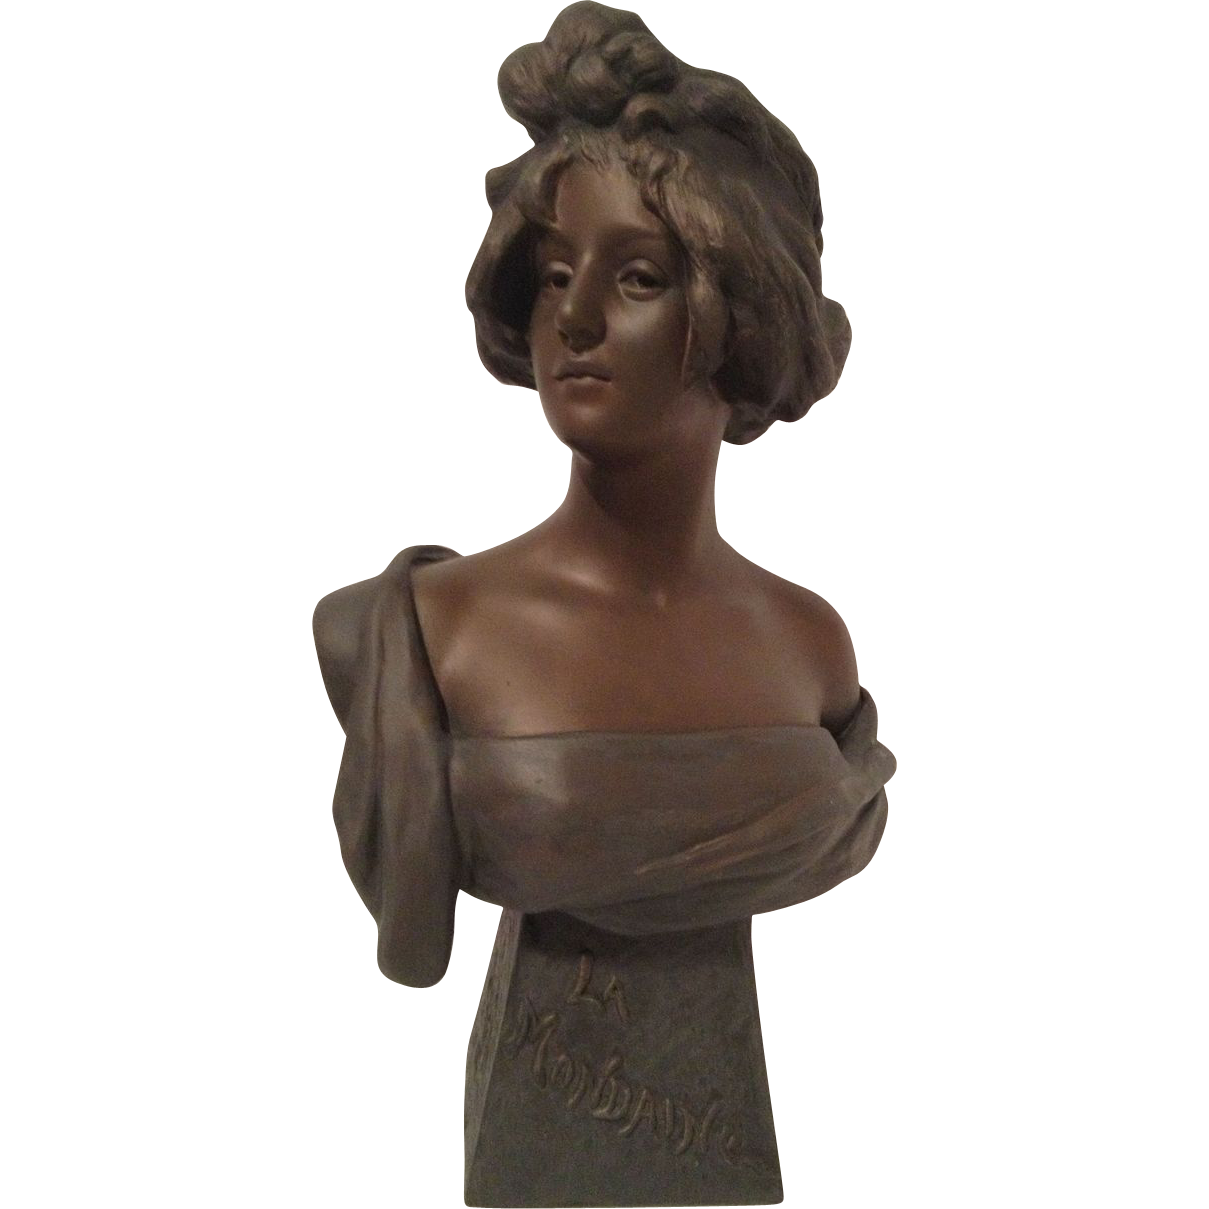 """Exquisite Large French Art Nouveau Bust of """"LA MONDAINE"""" or The Mondaine. C. 1880-1910"""